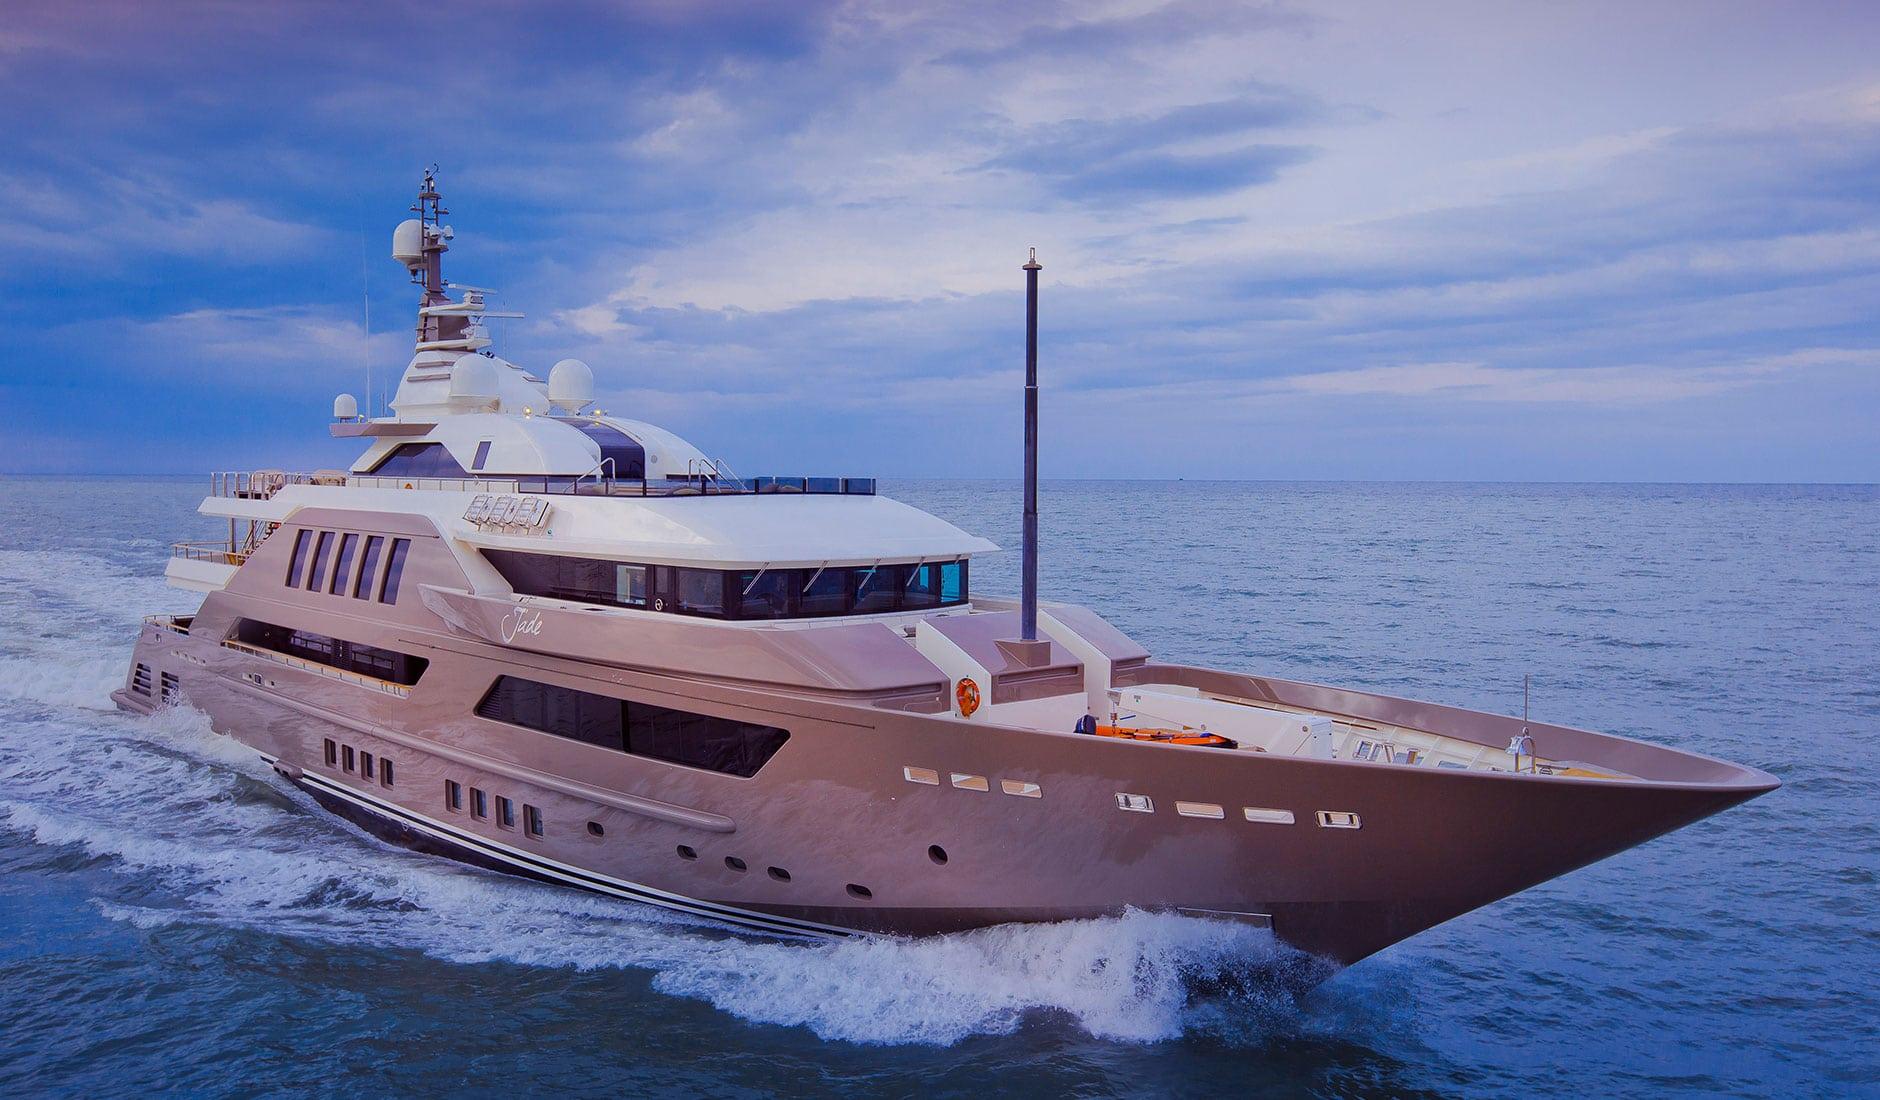 Купить яхту CRN 58 m